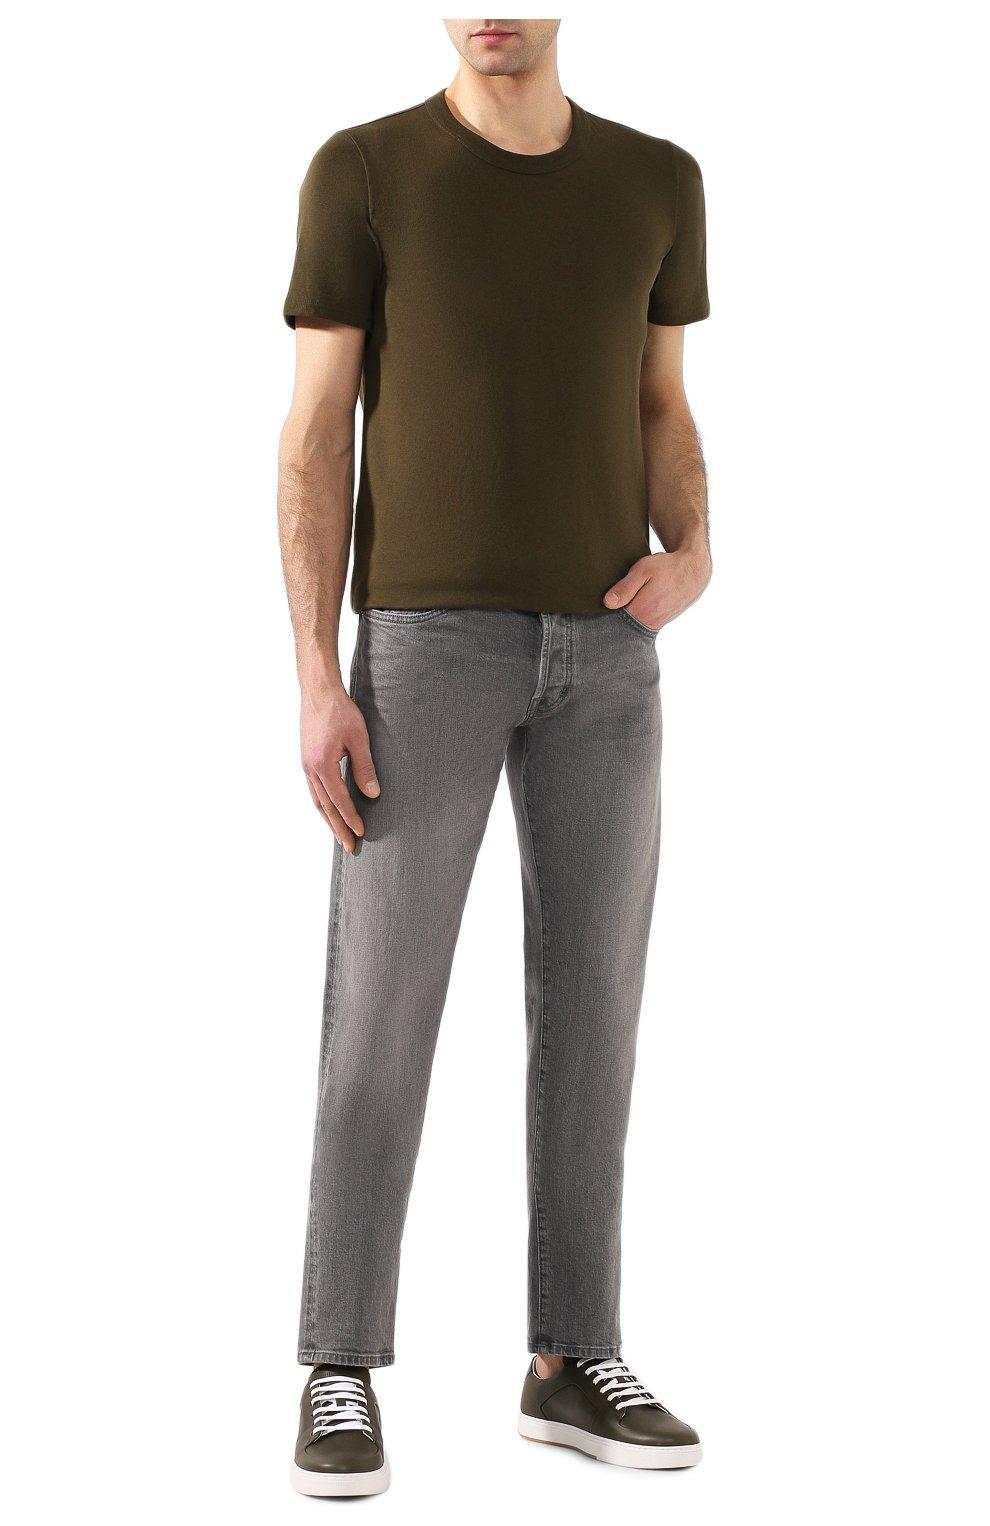 Мужская хлопковая футболка BOTTEGA VENETA хаки цвета, арт. 600852/VF2A0   Фото 2 (Принт: Без принта; Рукава: Короткие; Длина (для топов): Стандартные; Мужское Кросс-КТ: Футболка-одежда; Материал внешний: Хлопок; Стили: Кэжуэл)